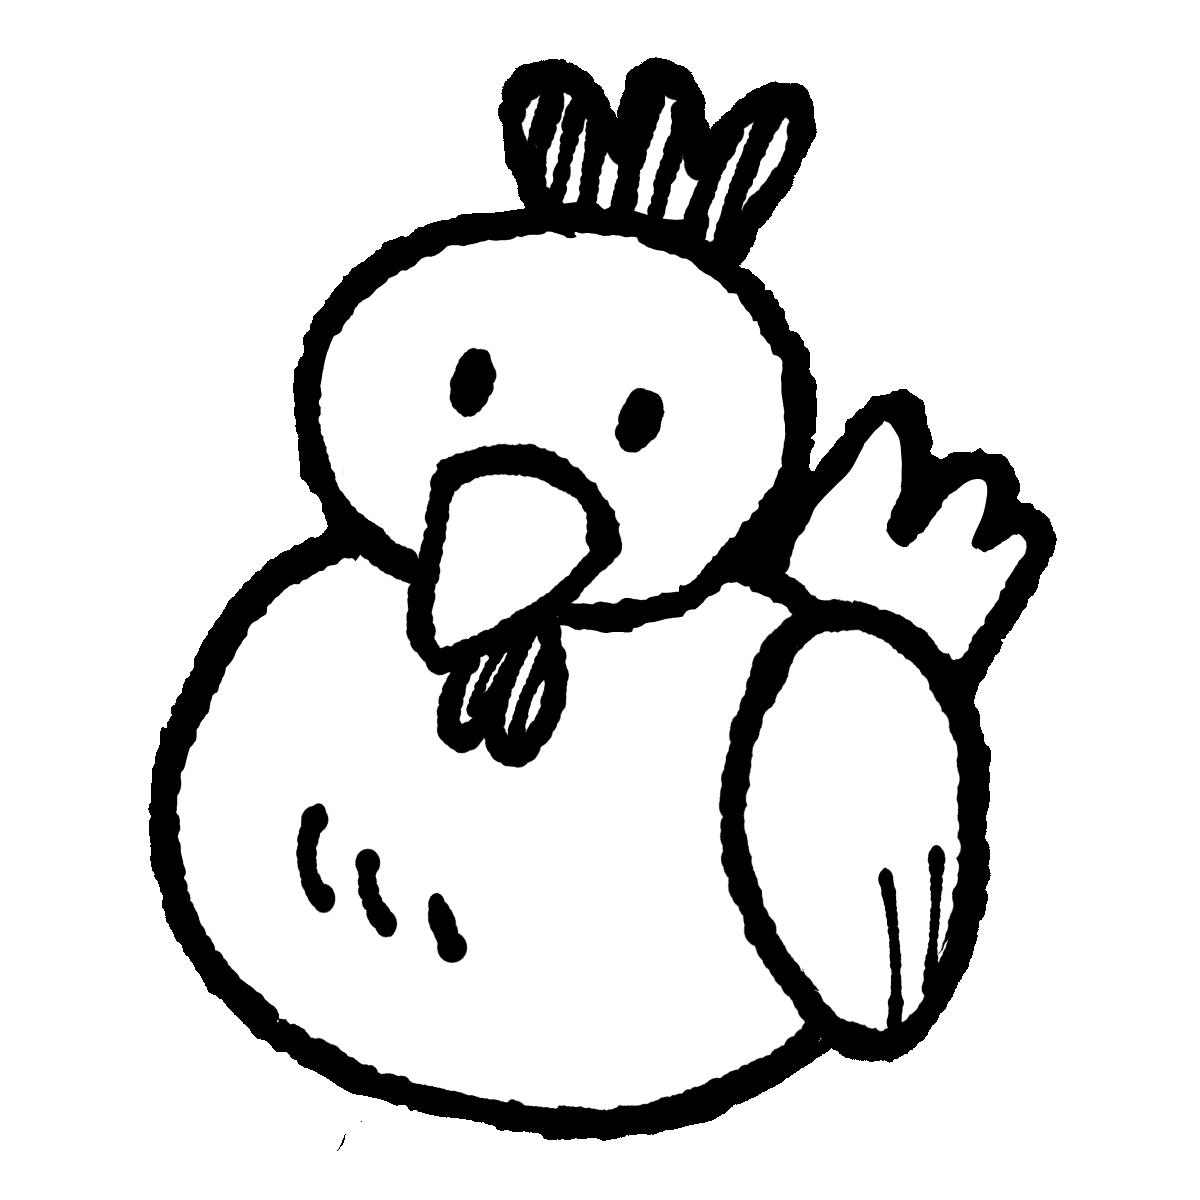 座る鶏のイラスト Sitting chicken  Illustration